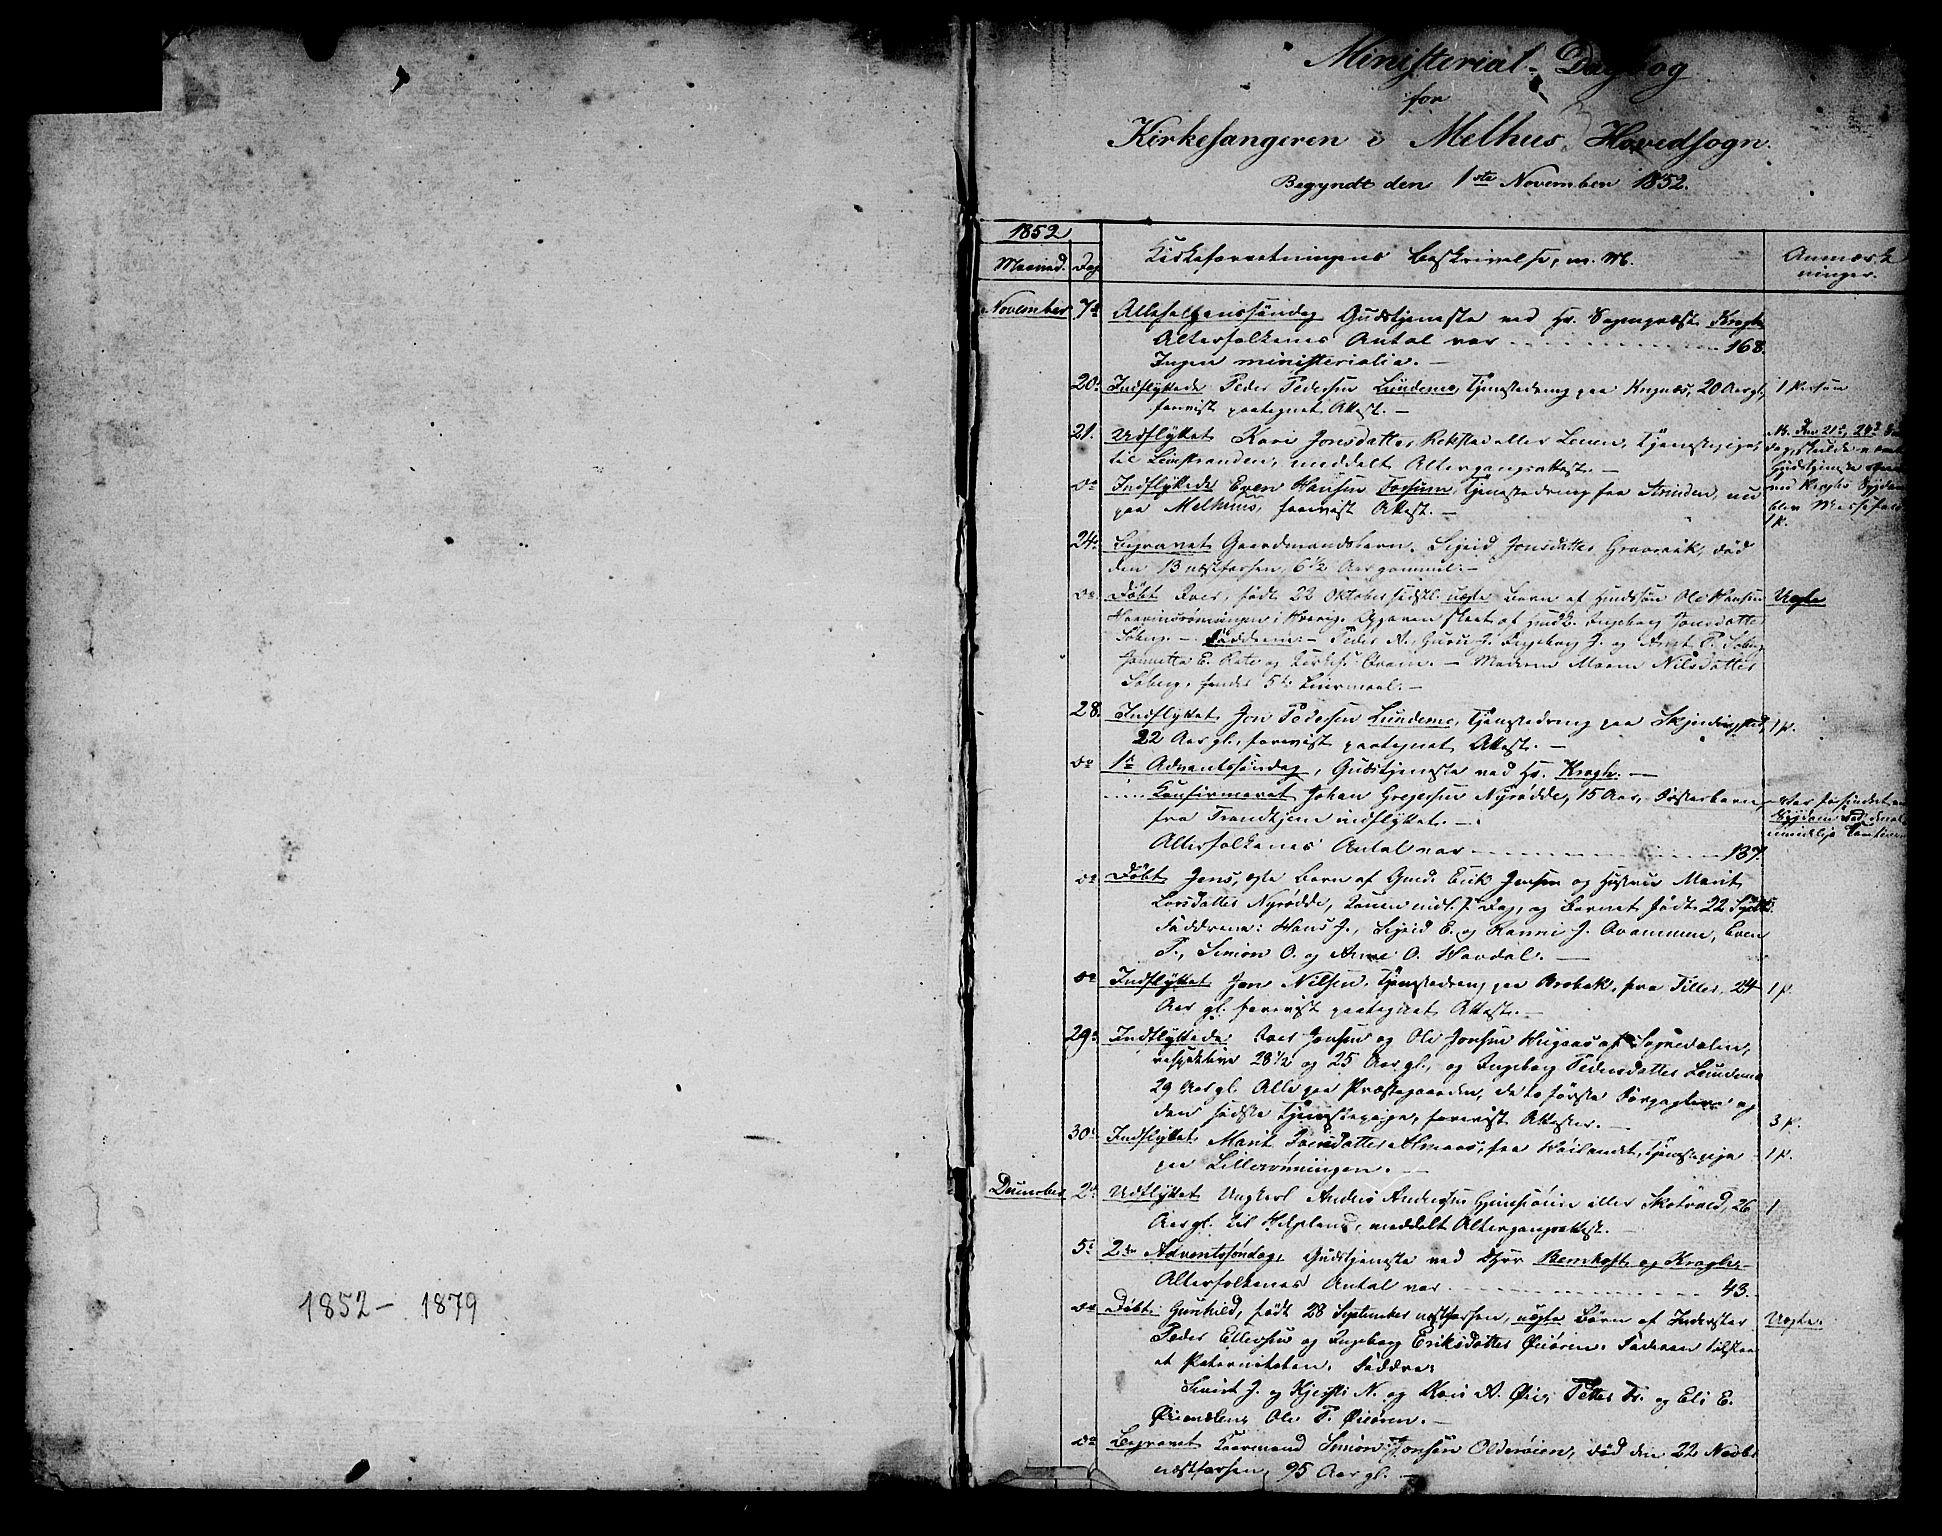 SAT, Ministerialprotokoller, klokkerbøker og fødselsregistre - Sør-Trøndelag, 691/L1093: Klokkerbok nr. 691C04, 1852-1879, s. 1